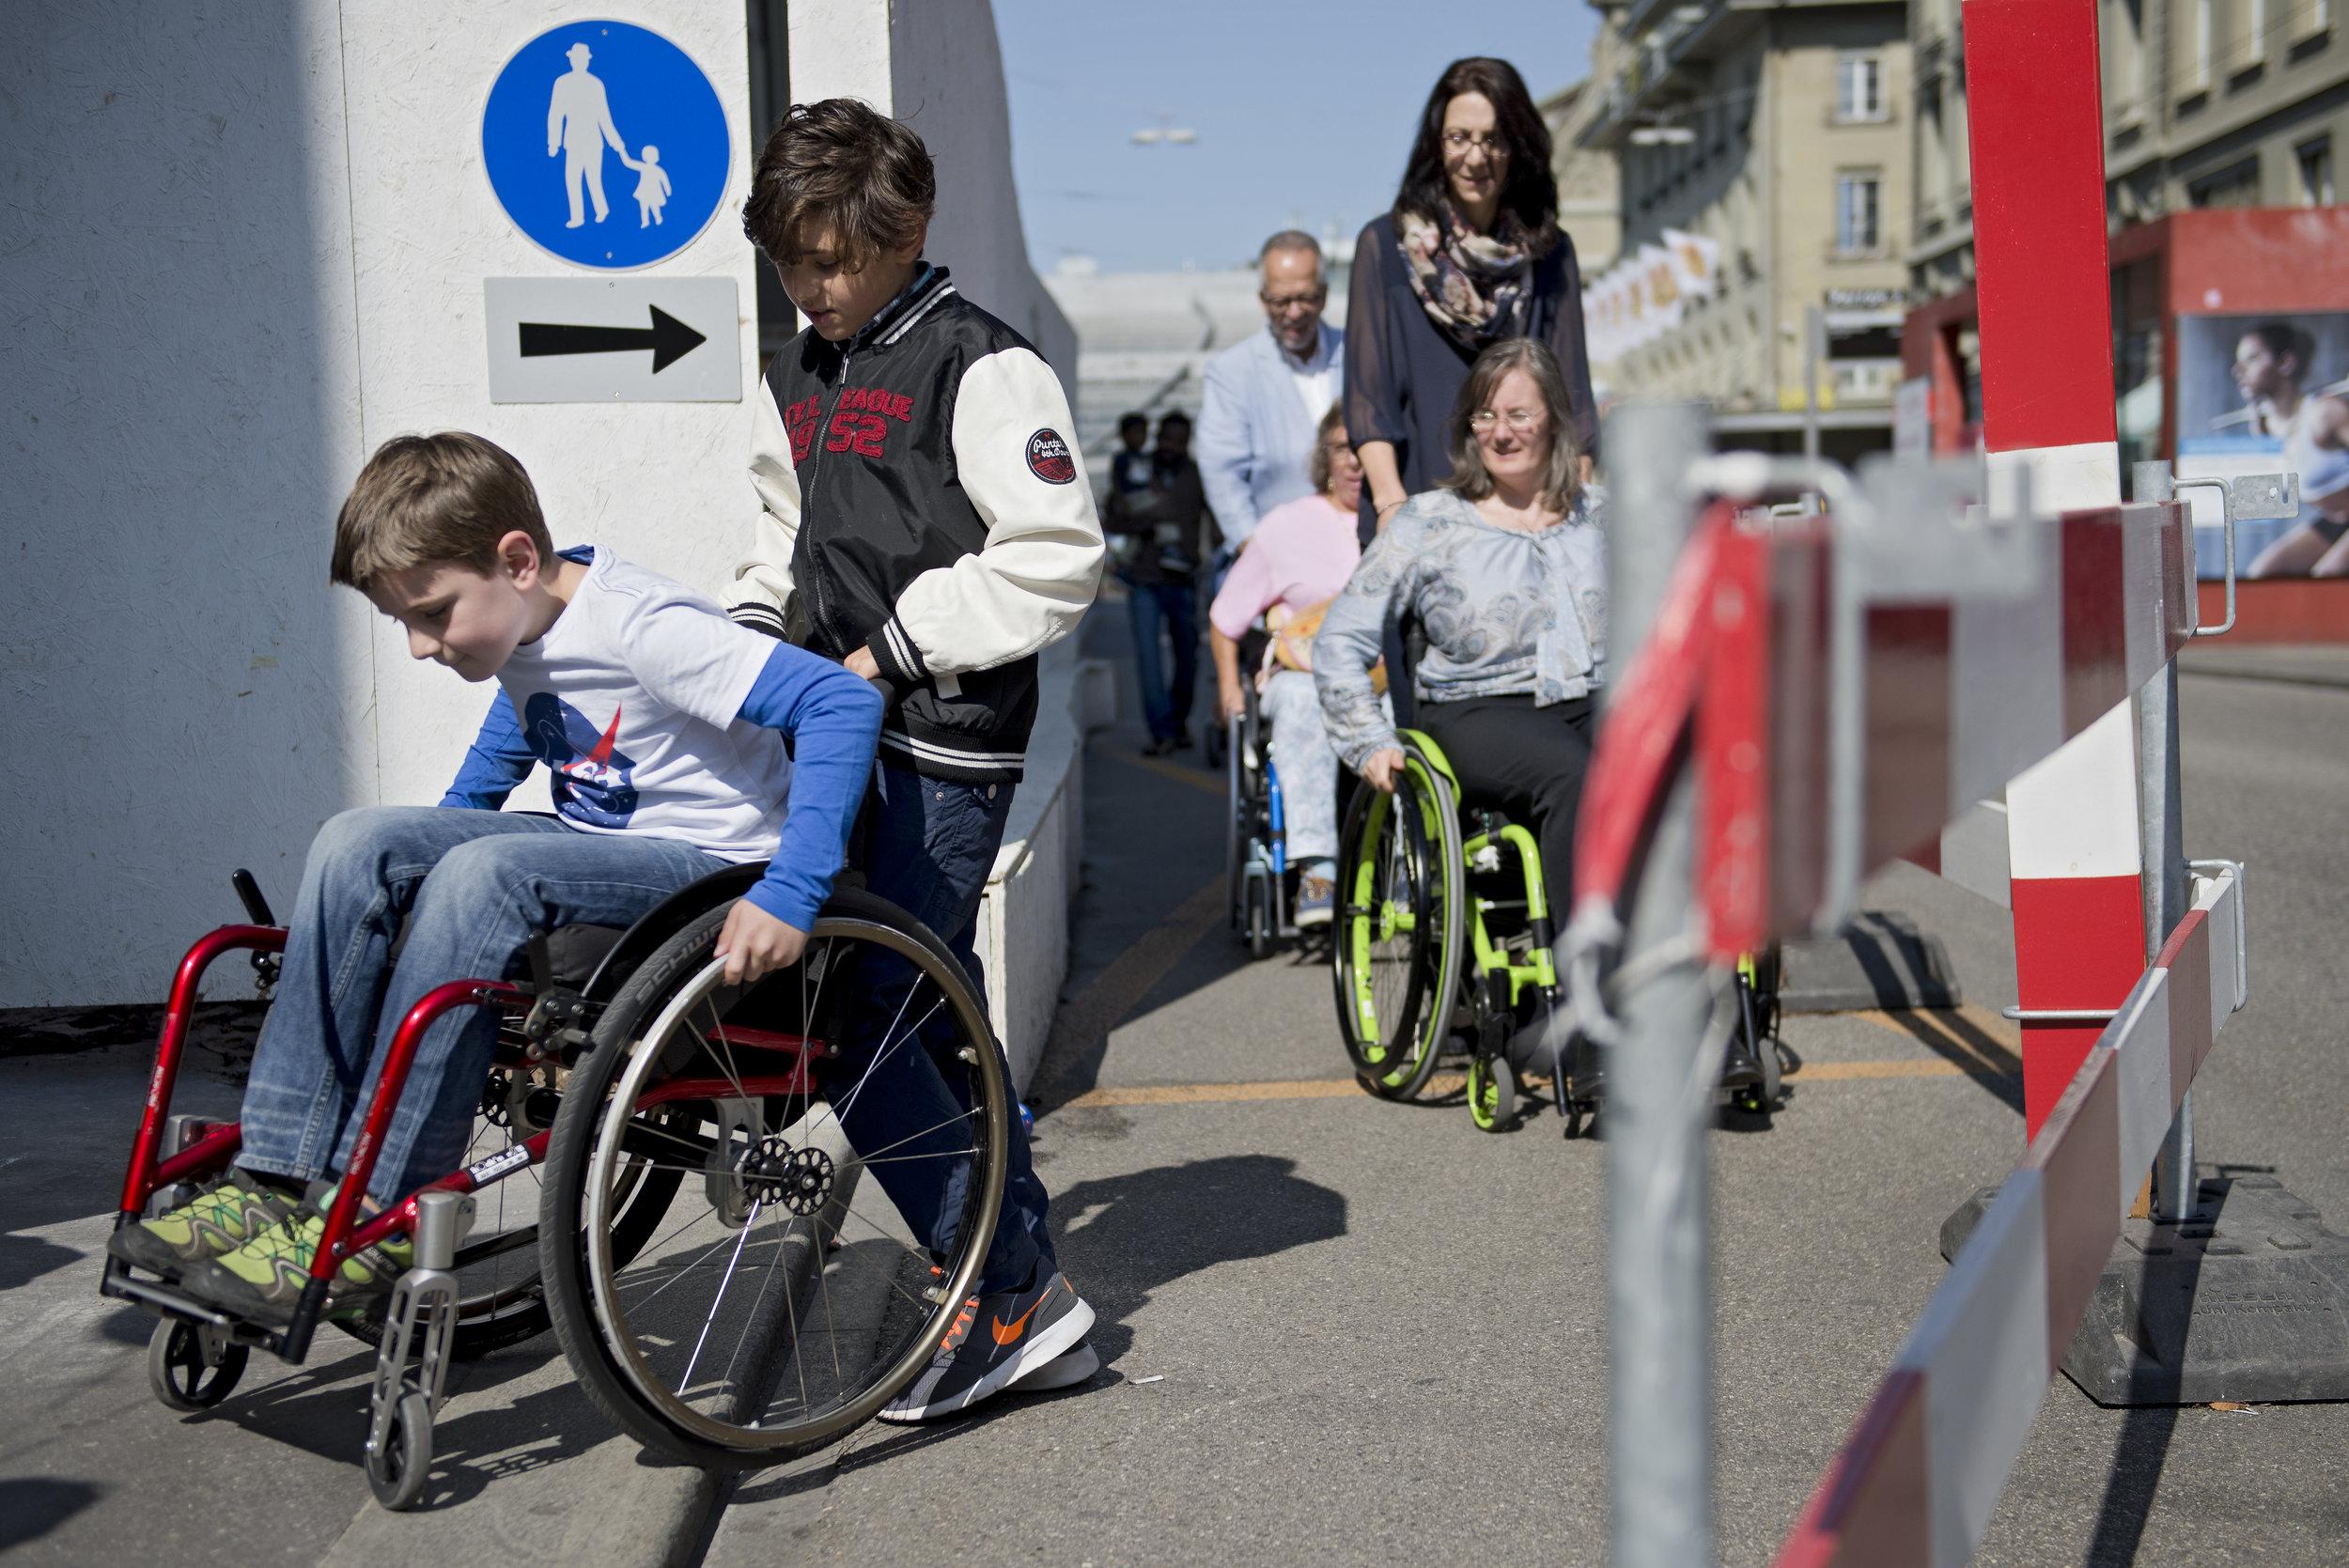 Auf einer Baustellen versucht ein Kind im Rollstuhl mühevoll den Absatz aufs Trottoir zu überwinden